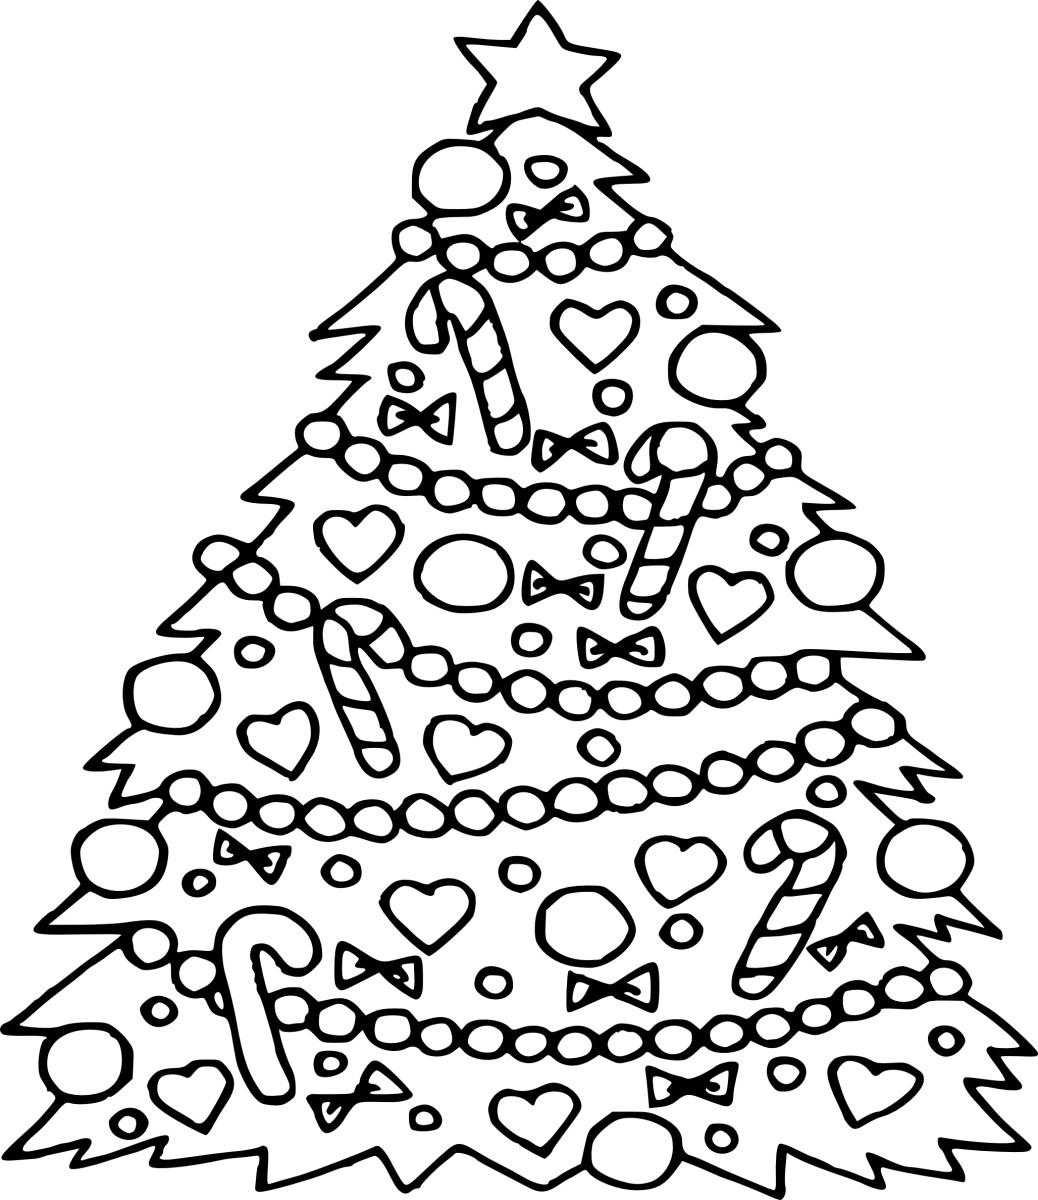 Christmas Tree Coloring Page Free Christmas Tree Coloring Pages For Kids At Getcolorings Com Free